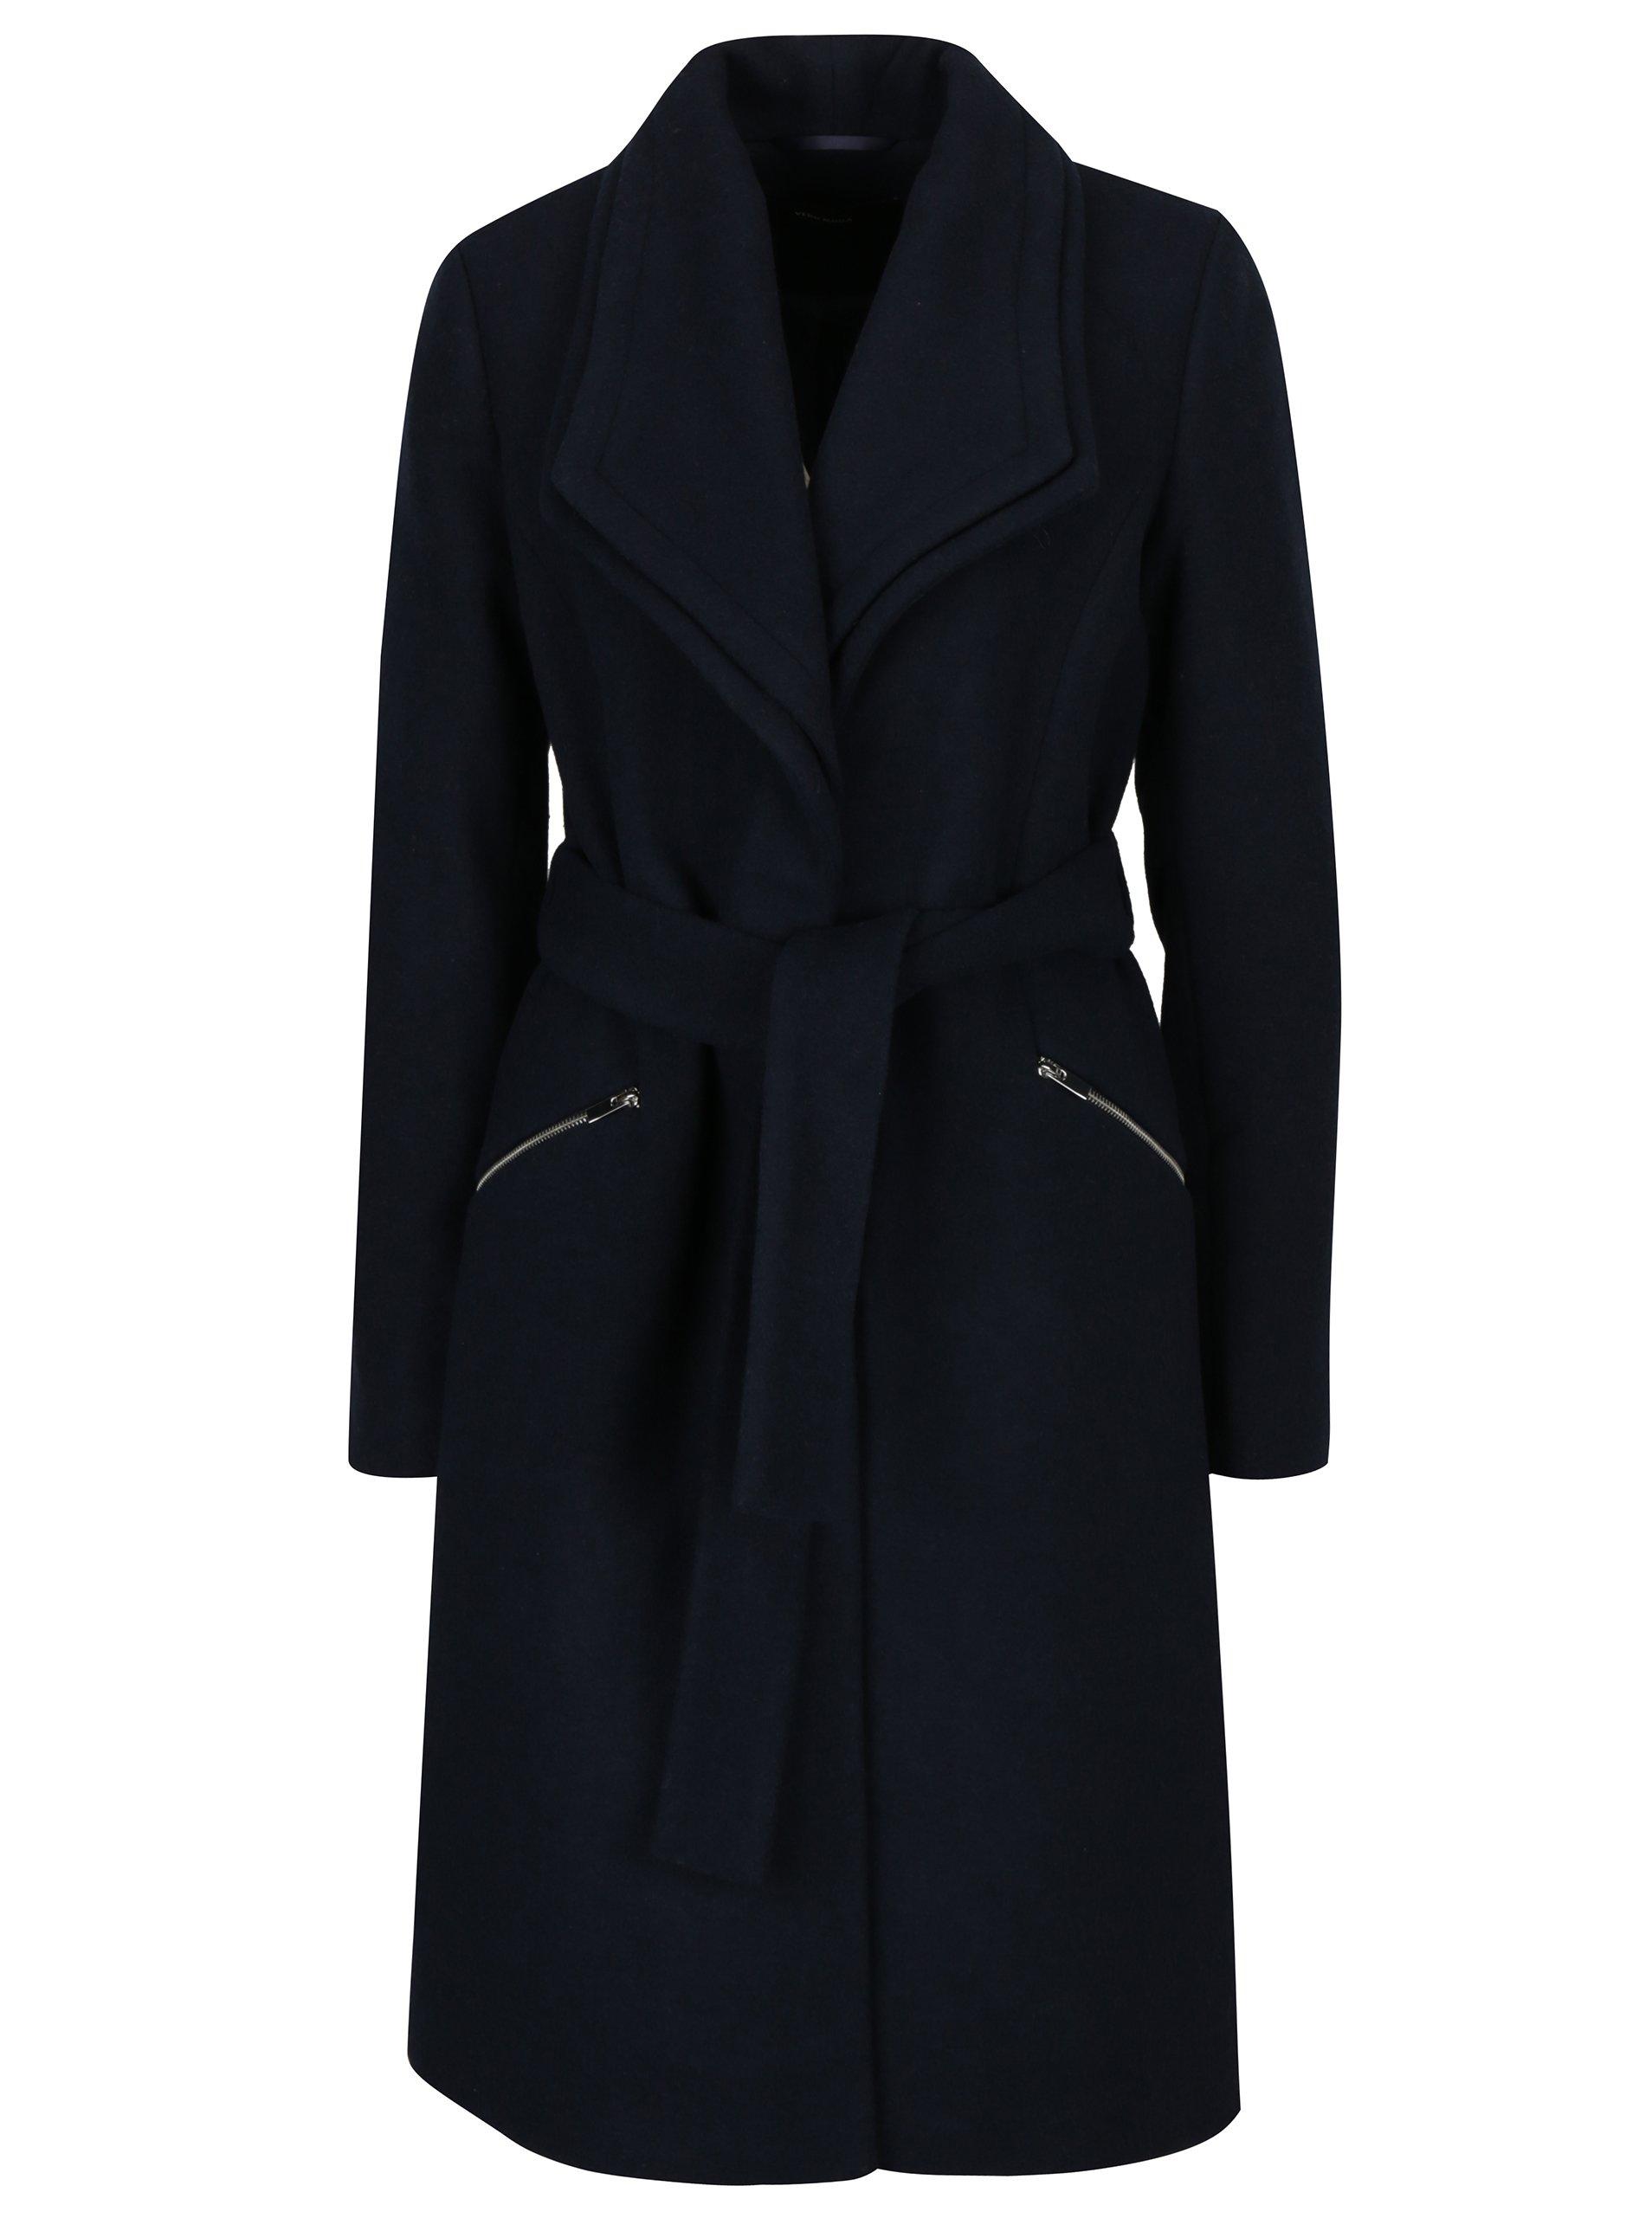 Tmavě modrý zimní kabát s příměsí vlny VERO MODA Pisa